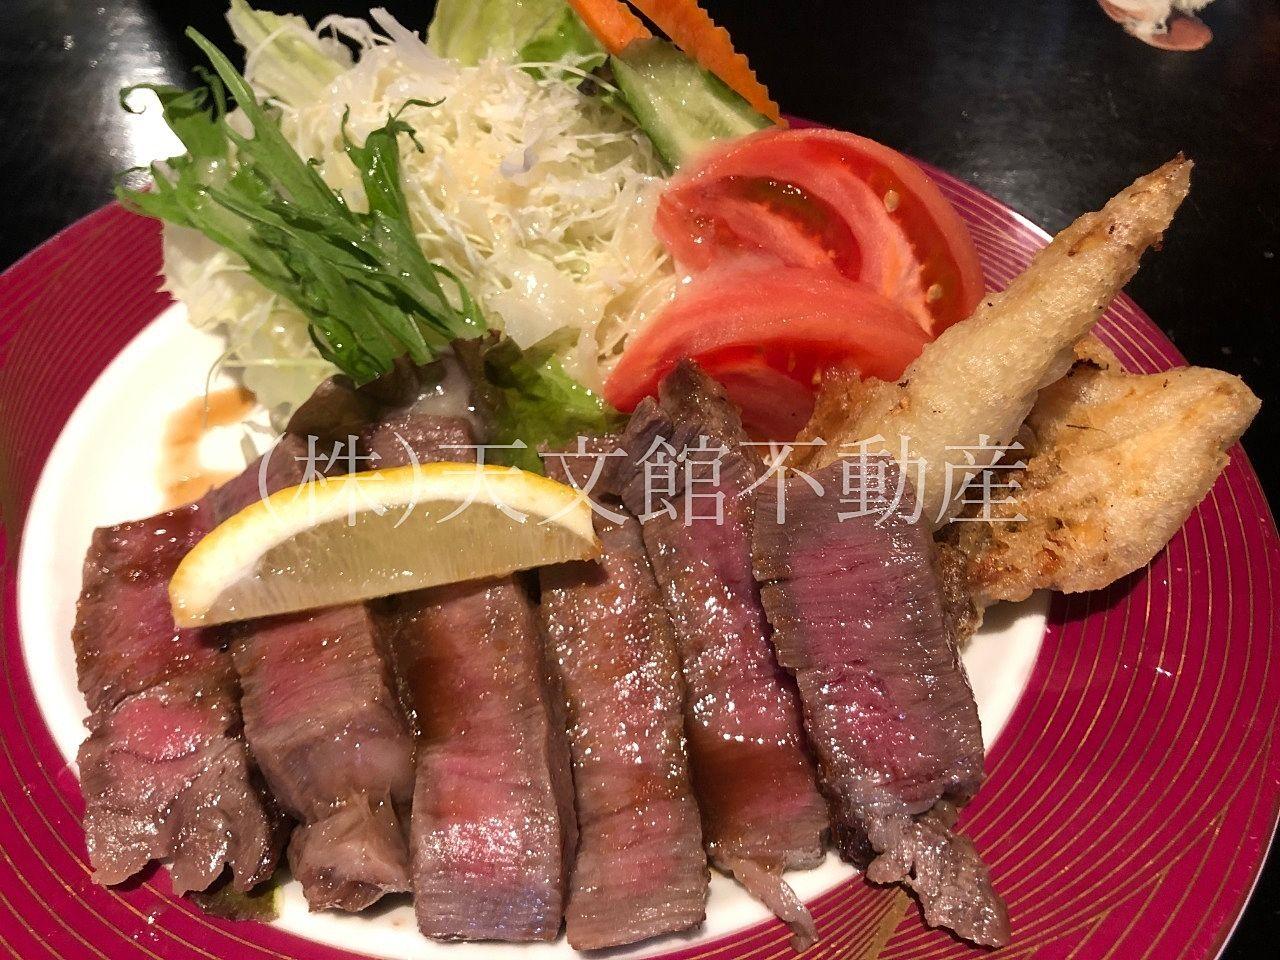 鹿児島市鴨池新町の美味しいステーキ専門店 花の木に行って来ました。柔らかいお肉でおすすめです。